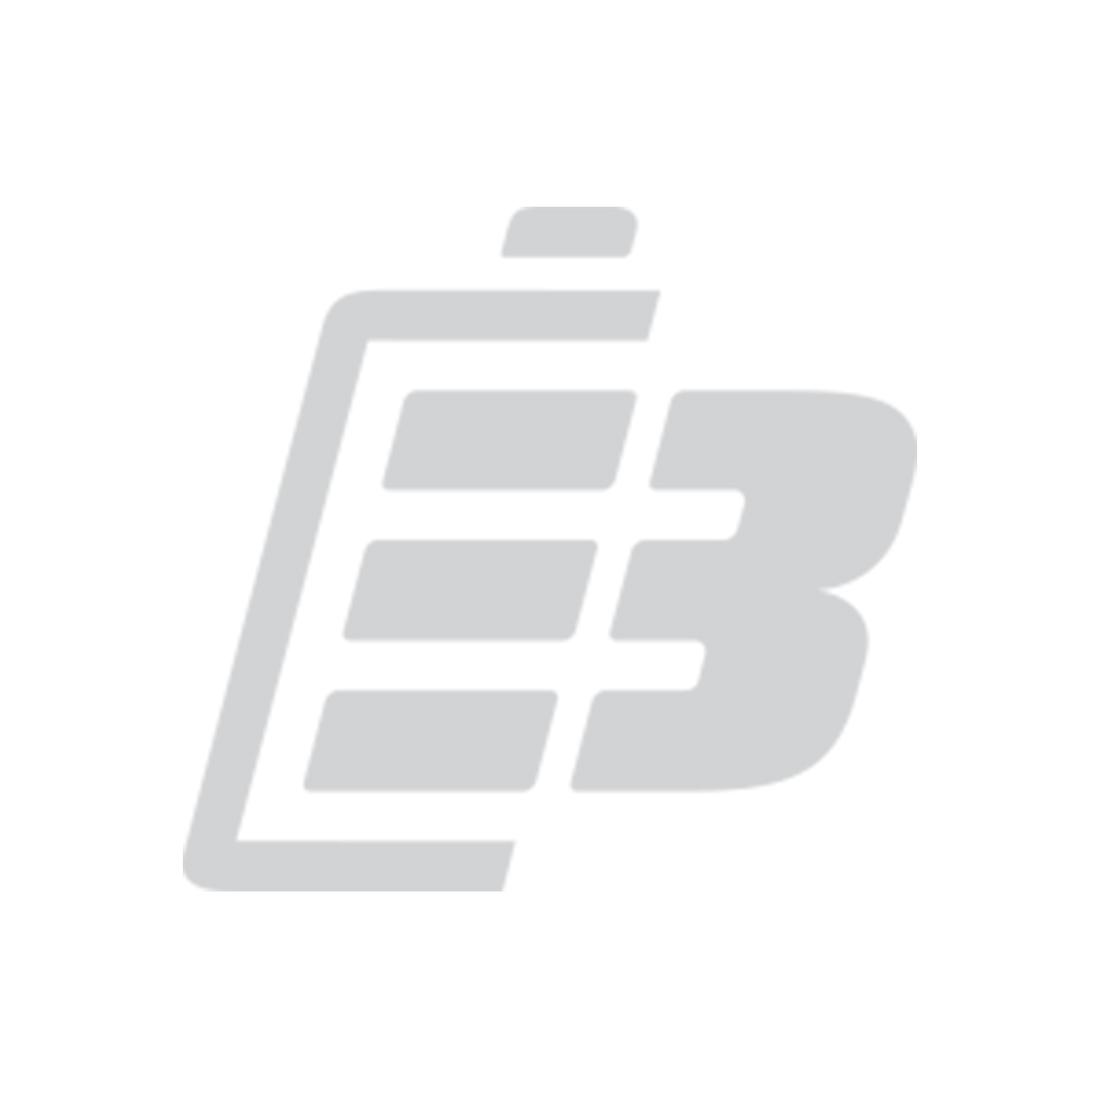 Μπαταρία ασύρματου τηλεφώνου Uniden 5105_1